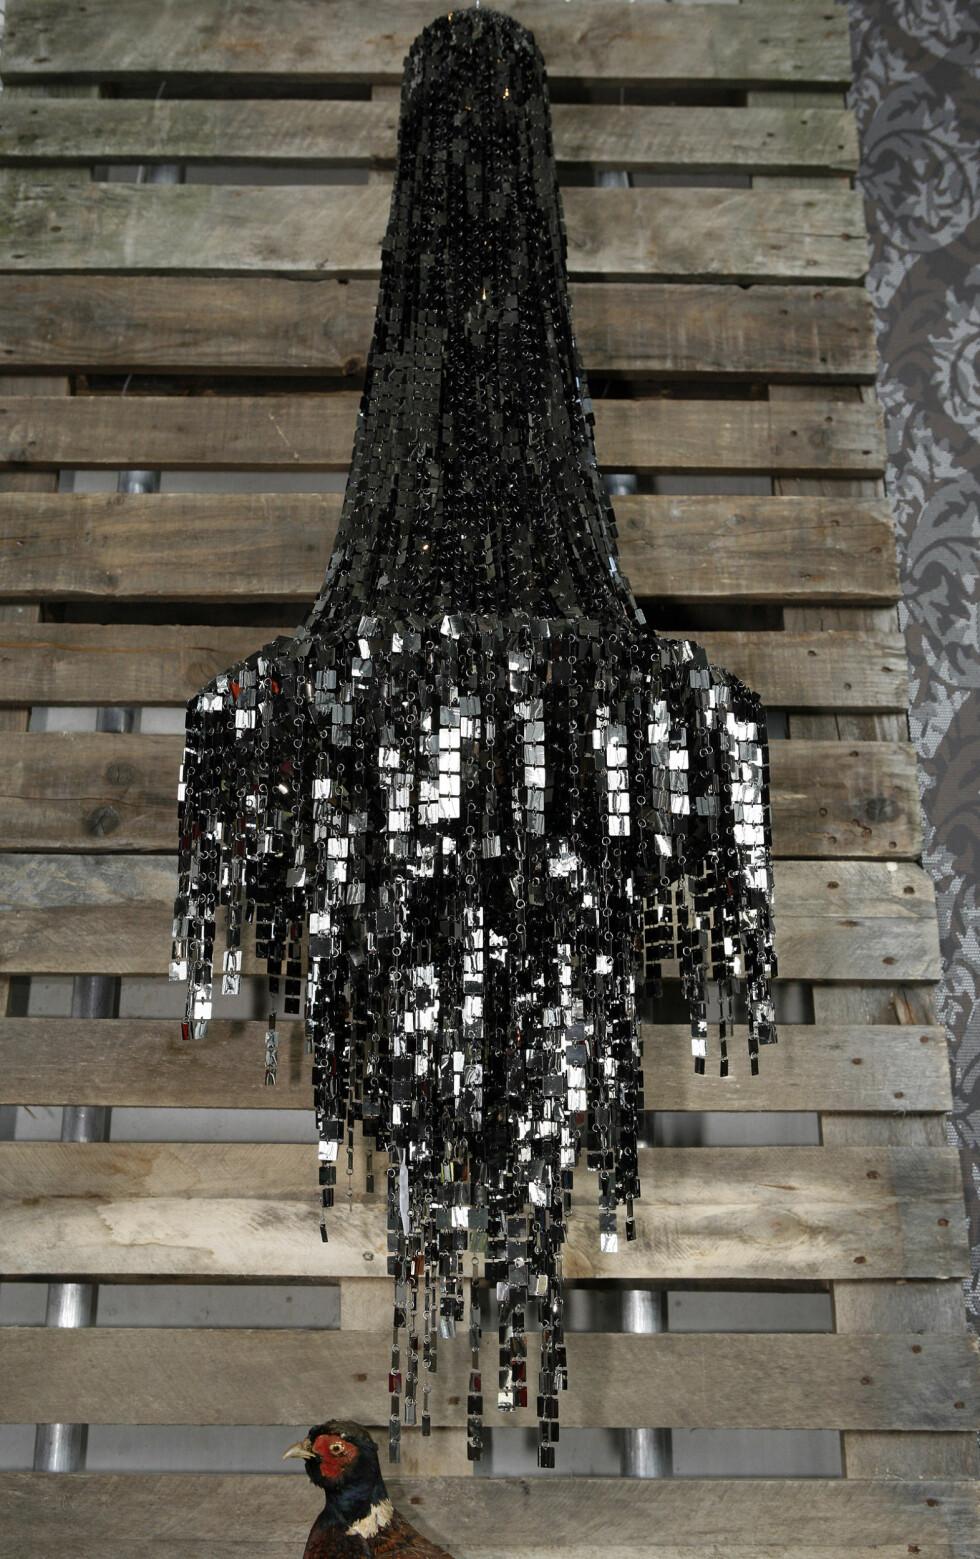 Lampe fra ShiShi, tapet fra Astex Decoration. Foto: Per Ervland